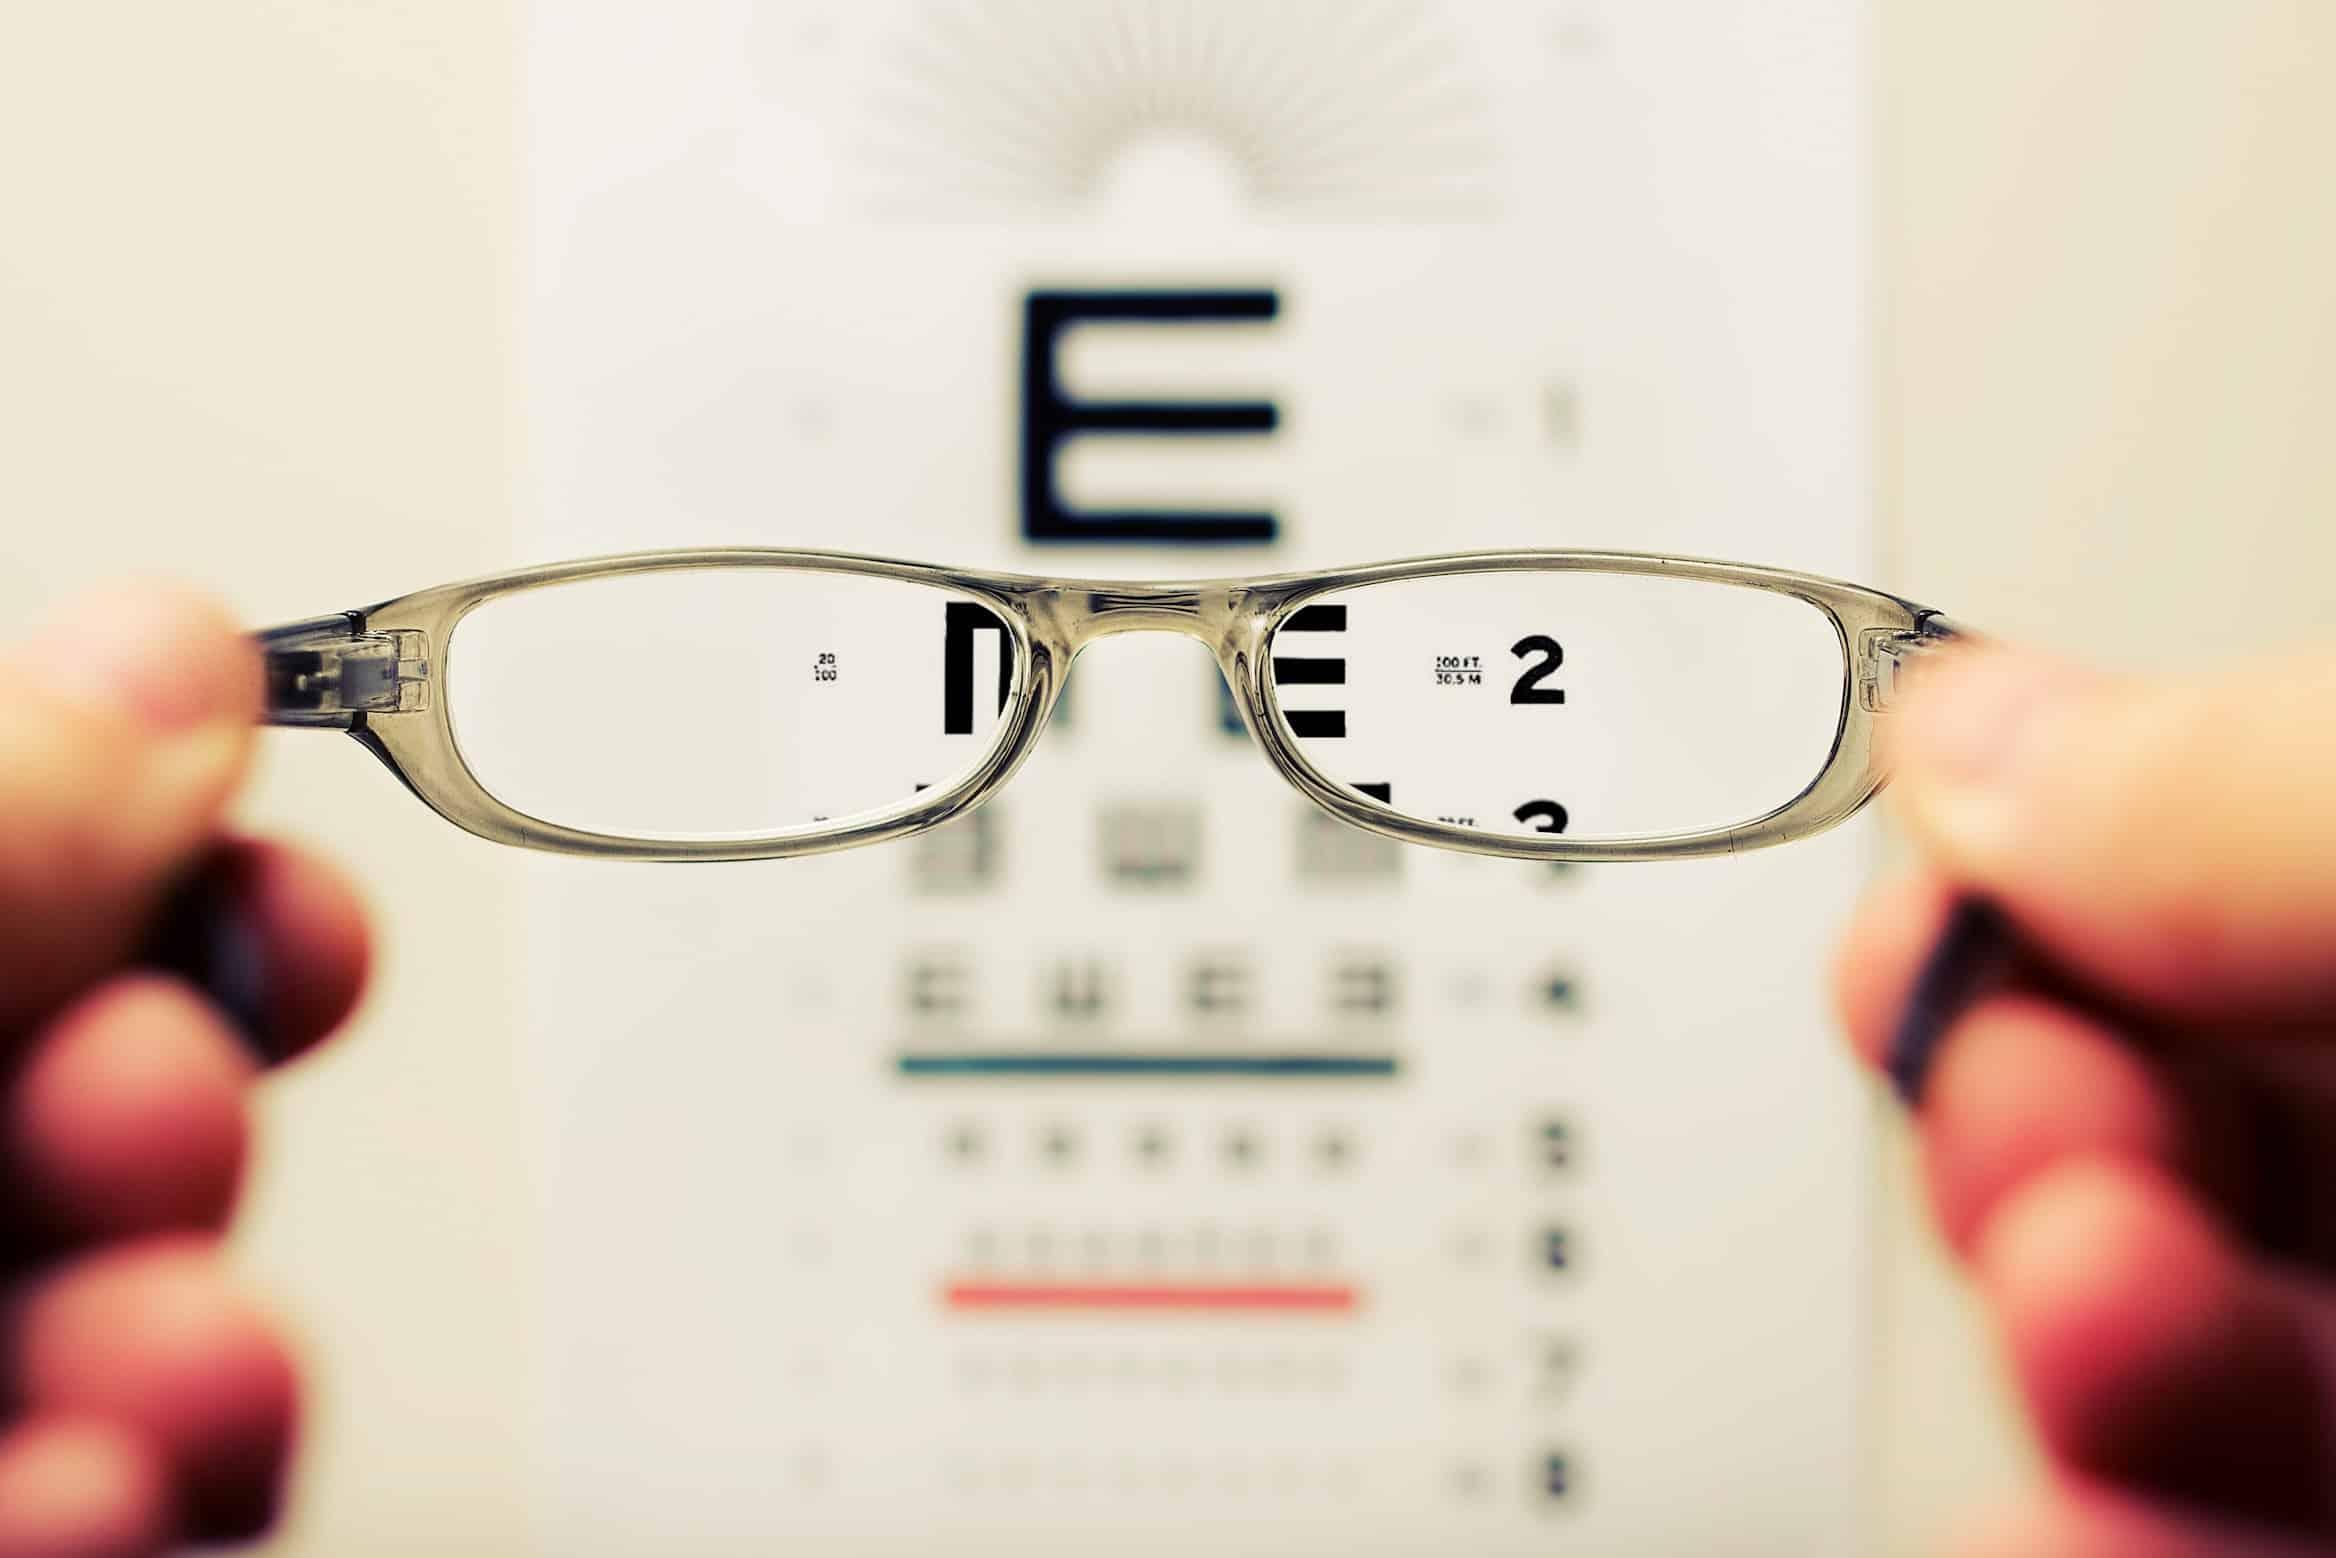 látásélesség 6 mit jelent a myopia okozhat fejfájást?